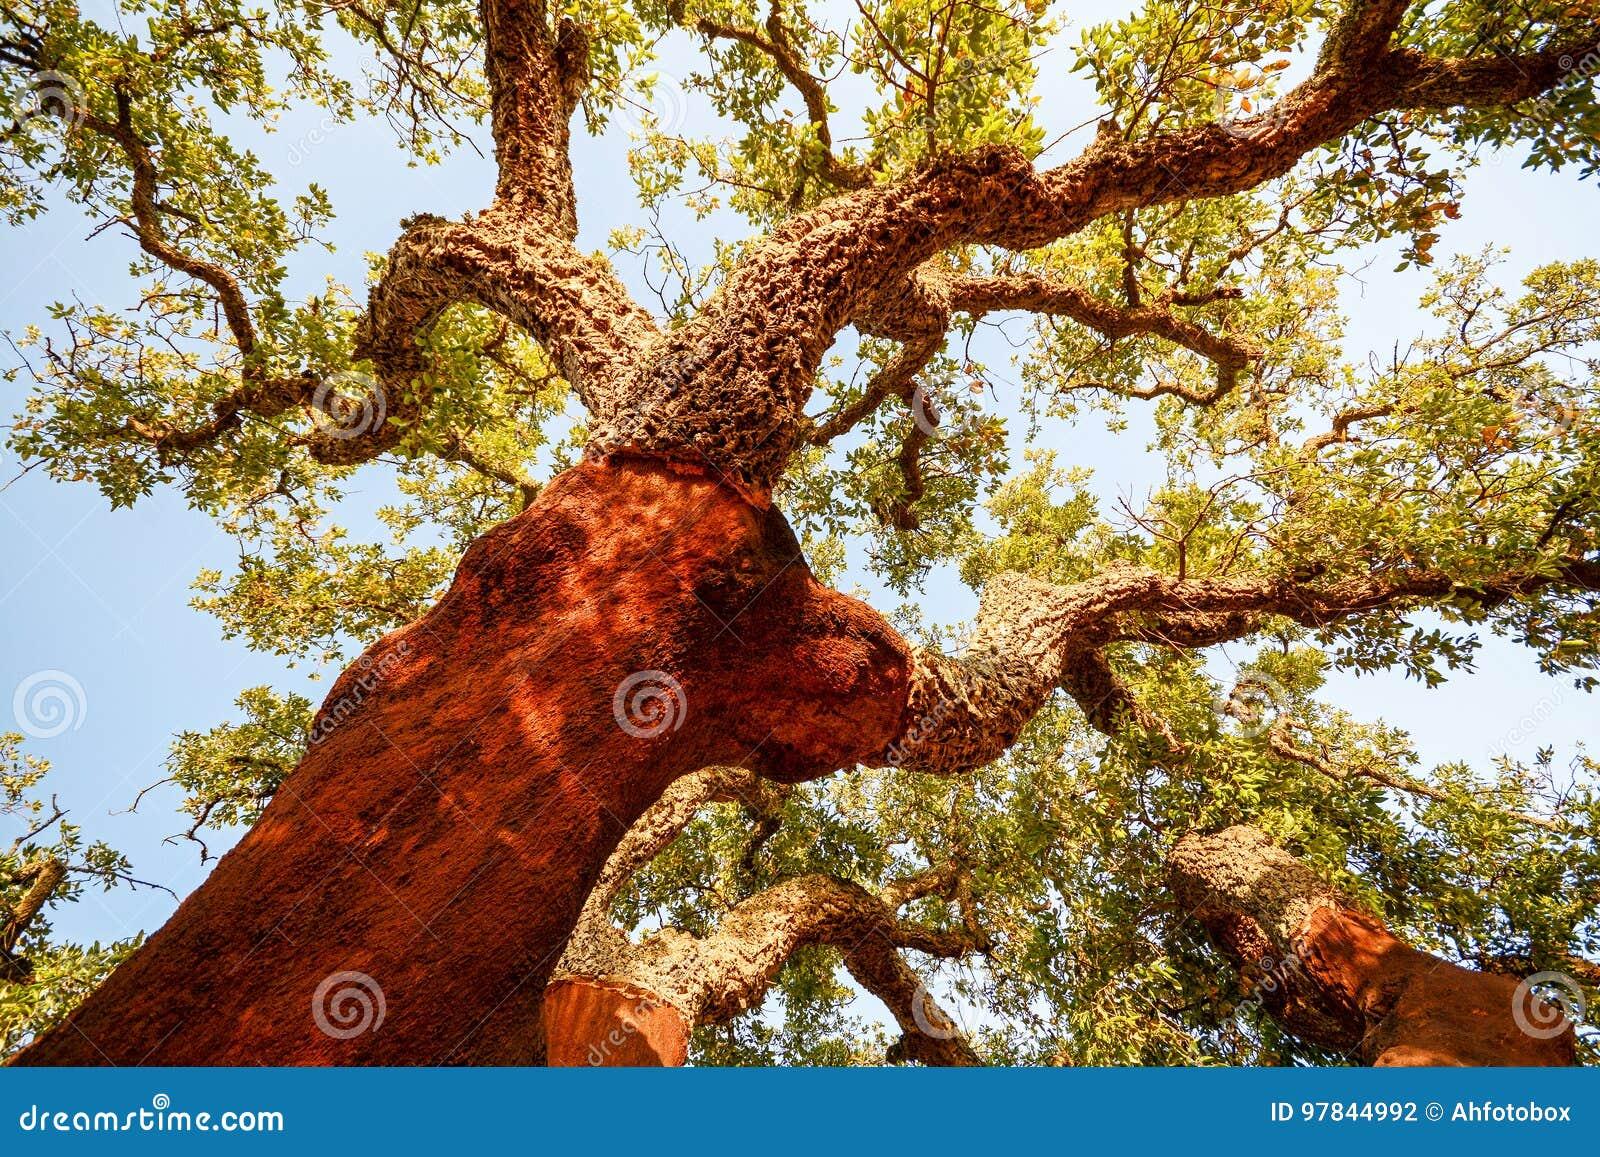 Geoogste boomstam van oude cork eiken boomquercus suber in avondzon, Alentejo Portugal